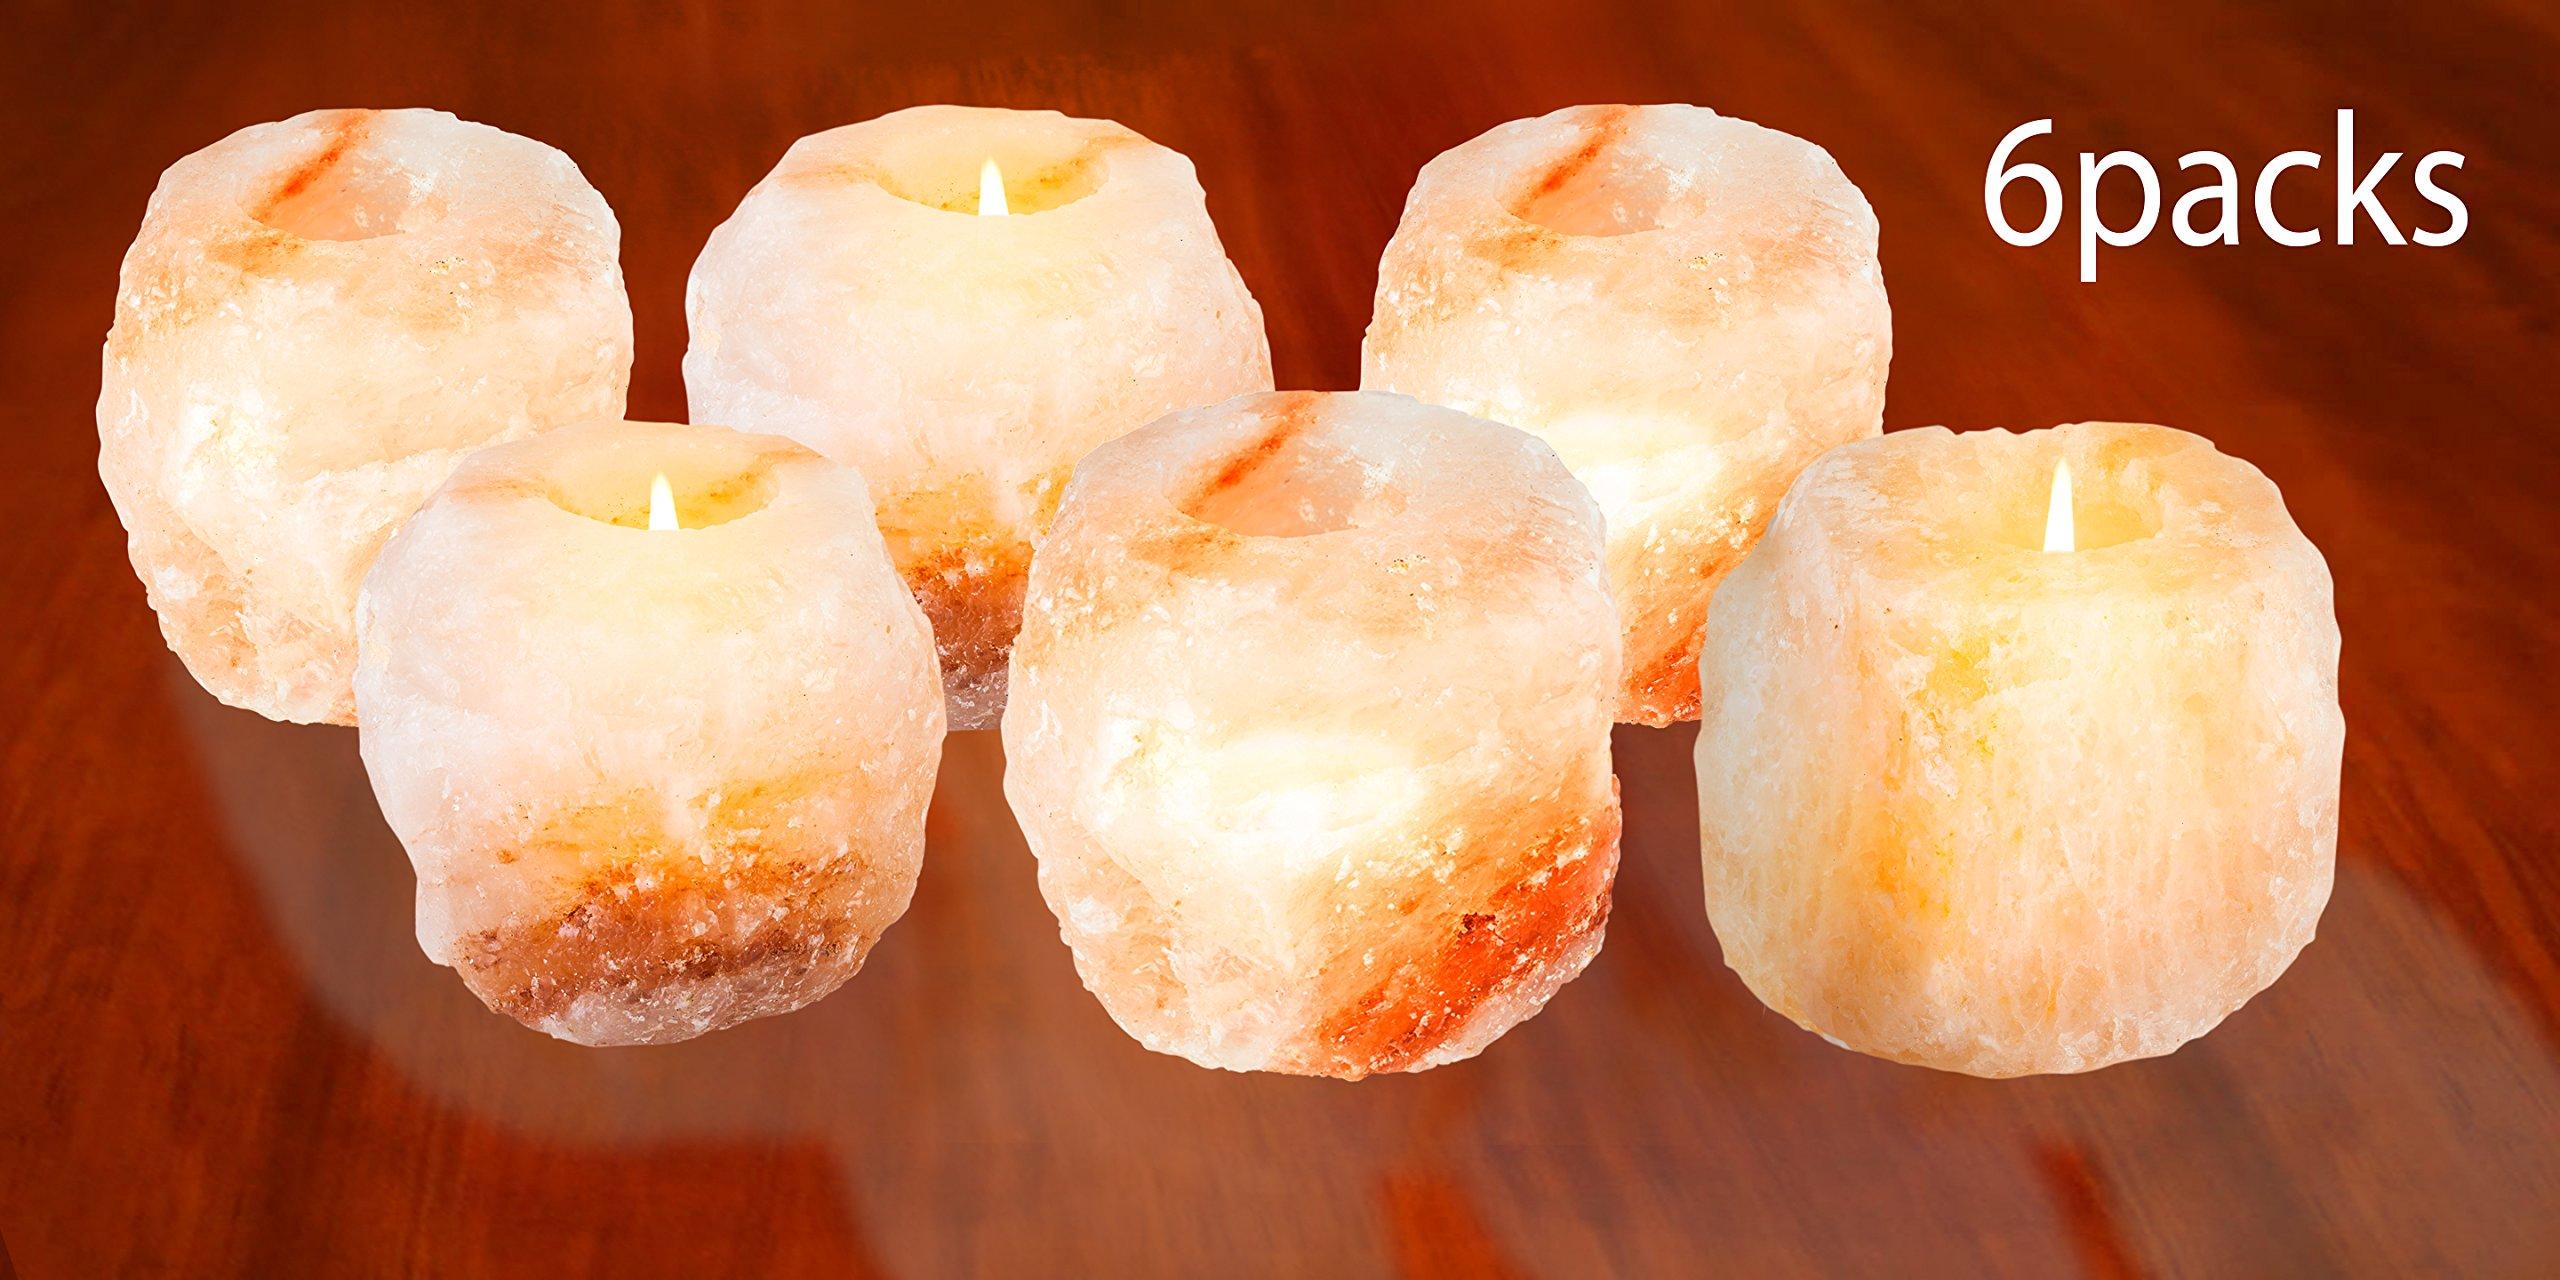 Mockins 6 Pack Natural Himalayan Salt 2.5-lbs Tea Light Holder … by Mockins (Image #5)